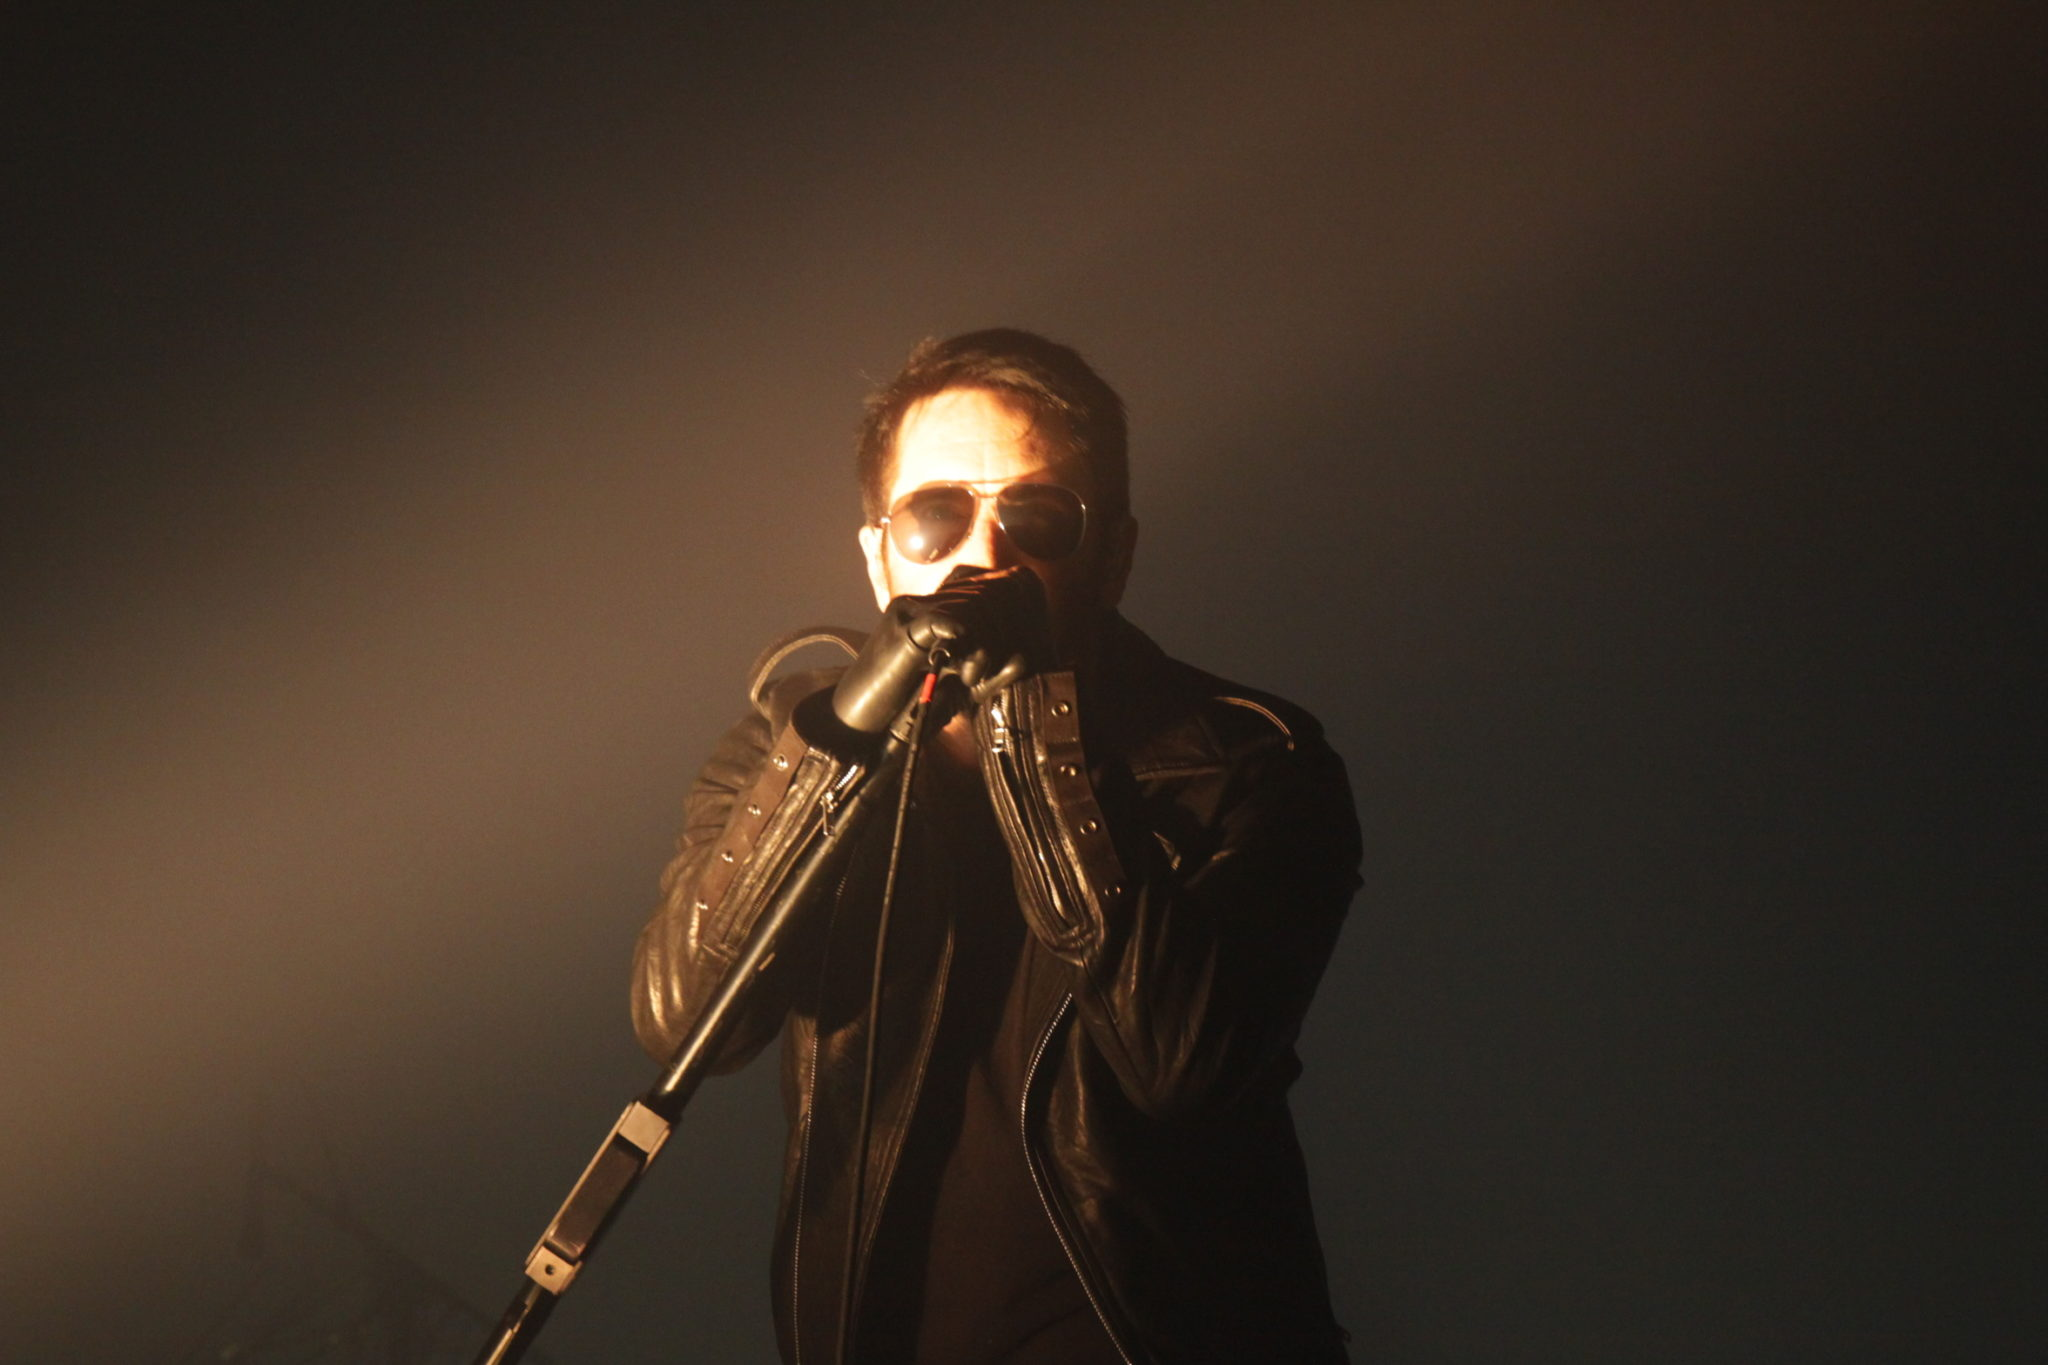 Trent Reznor liveonstage